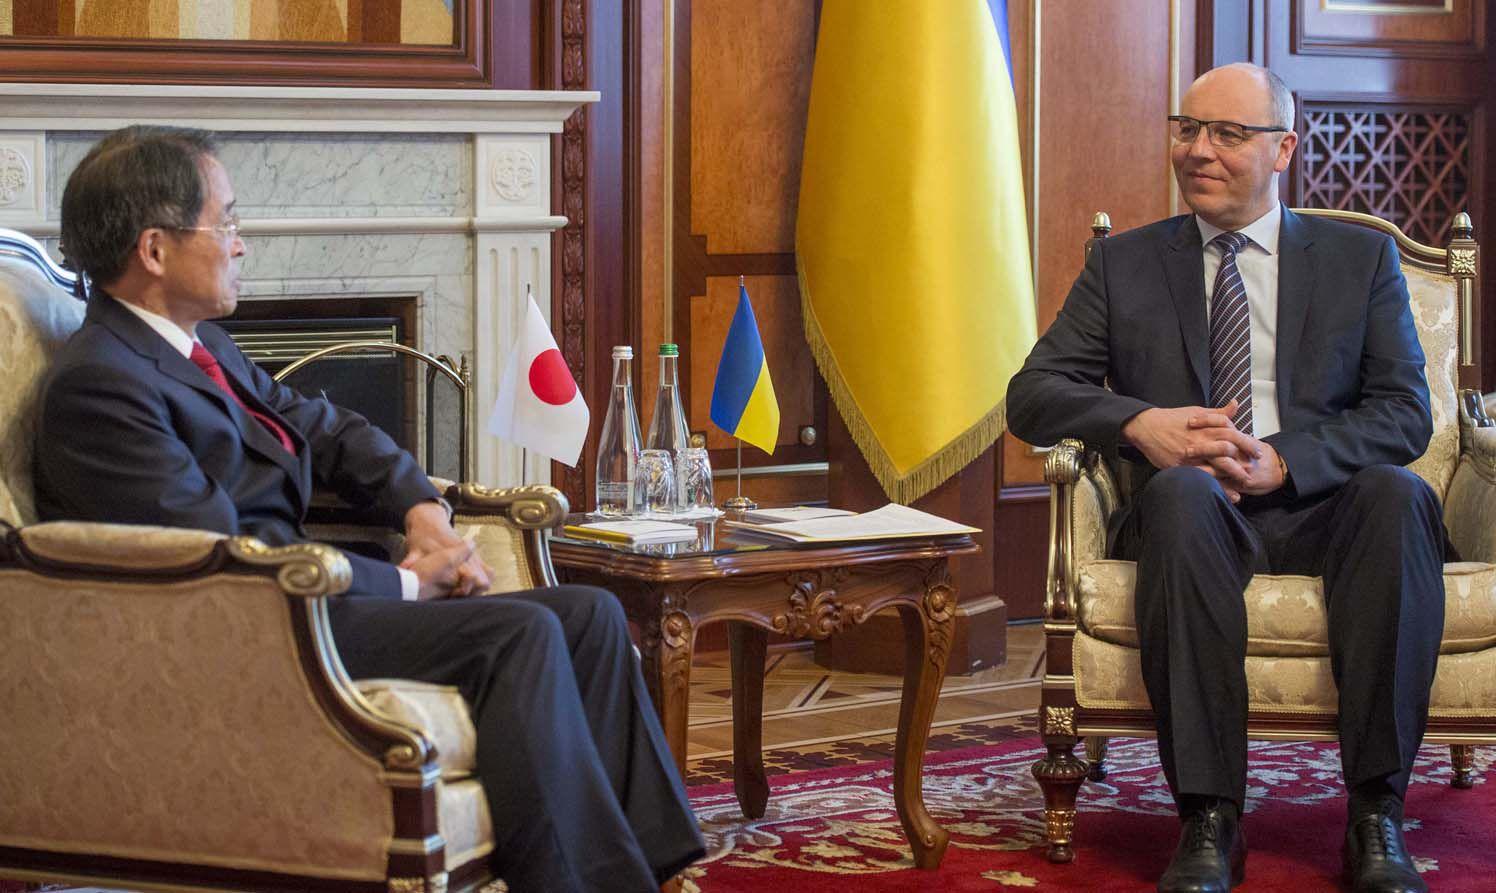 Японія ніколи не визнає анексію Криму і вважає неприпустимою  російську агресію на Донбасі